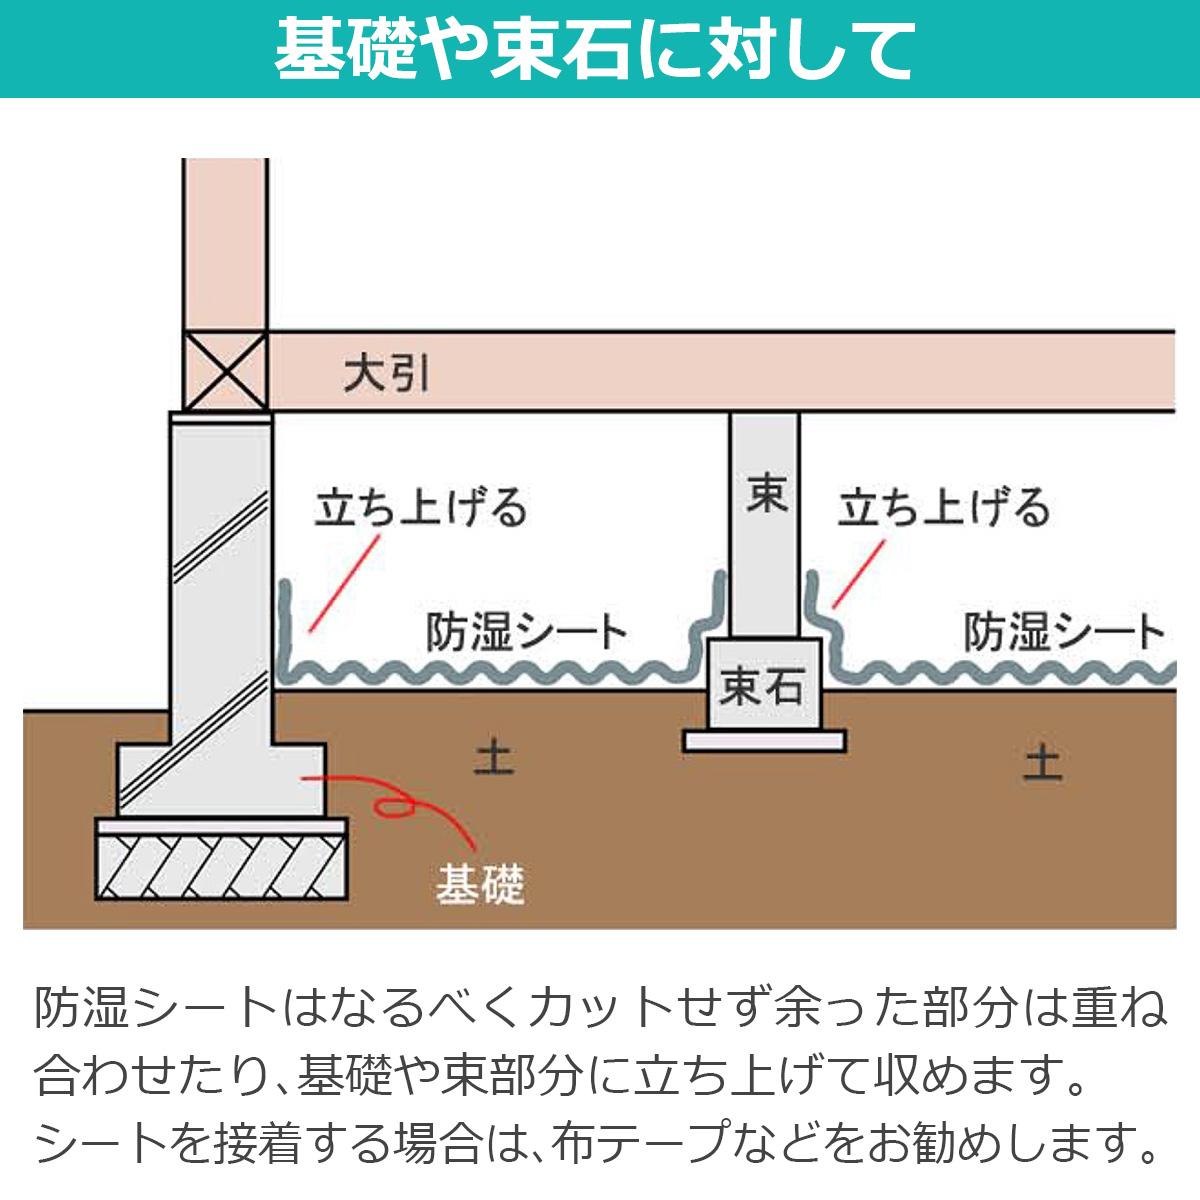 基礎や束石に対して 防湿シートはなるべくカットせず余った部分は重ね合わせたり、基礎や束部分に立ち上げて収めます。シートを接着する場合は、布テープなどをお勧めします。